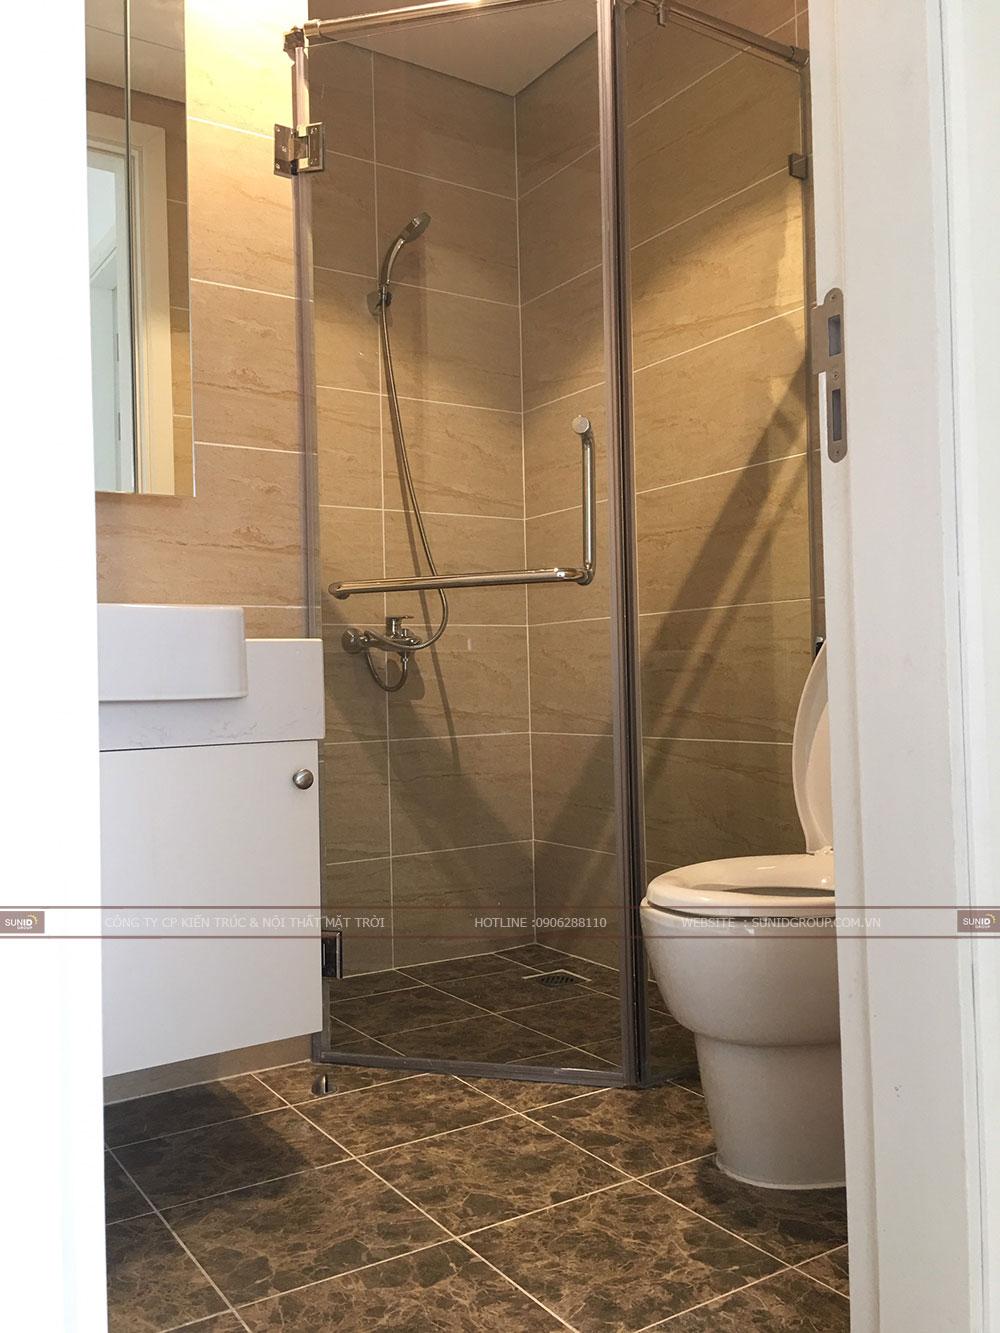 Phòng vệ sinh đầy đủ tiện nghi với bộ thiết bị chậu rửa, vòi hoa sen, buồn vệ sinh..